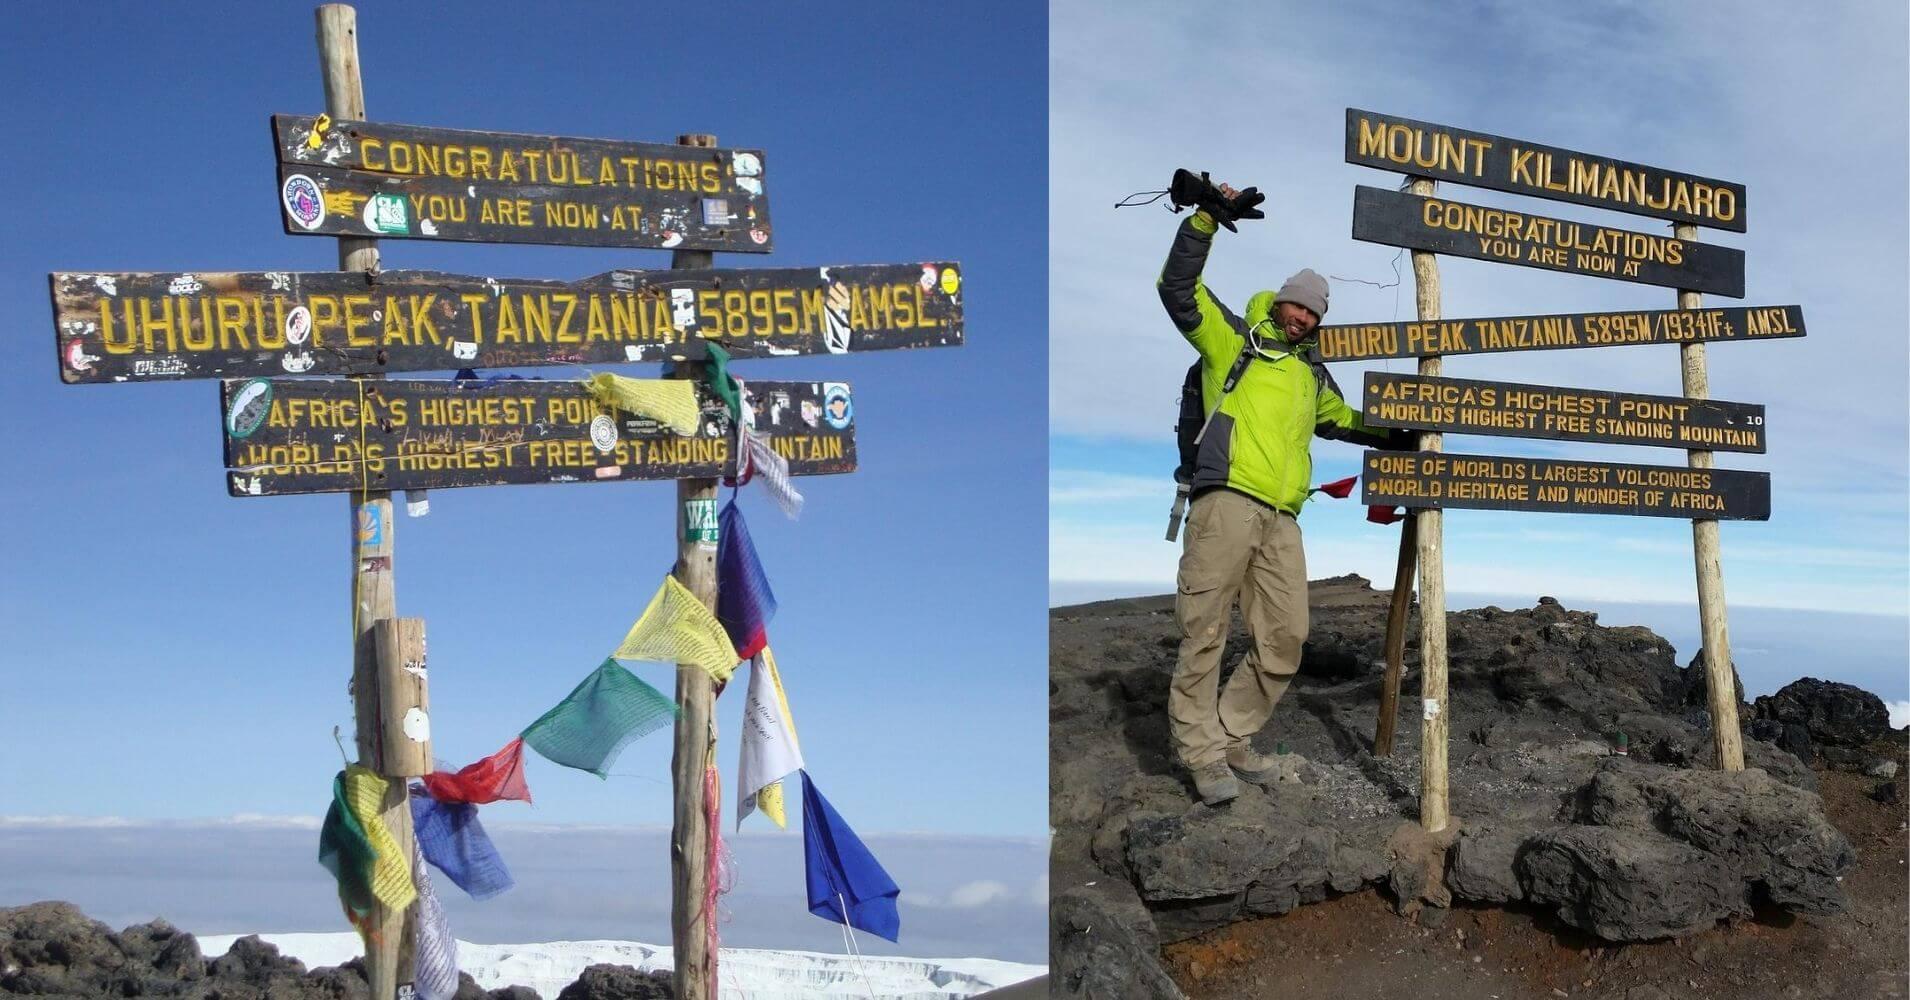 Cumbre del Monte Kilimanjaro. Tanzania.